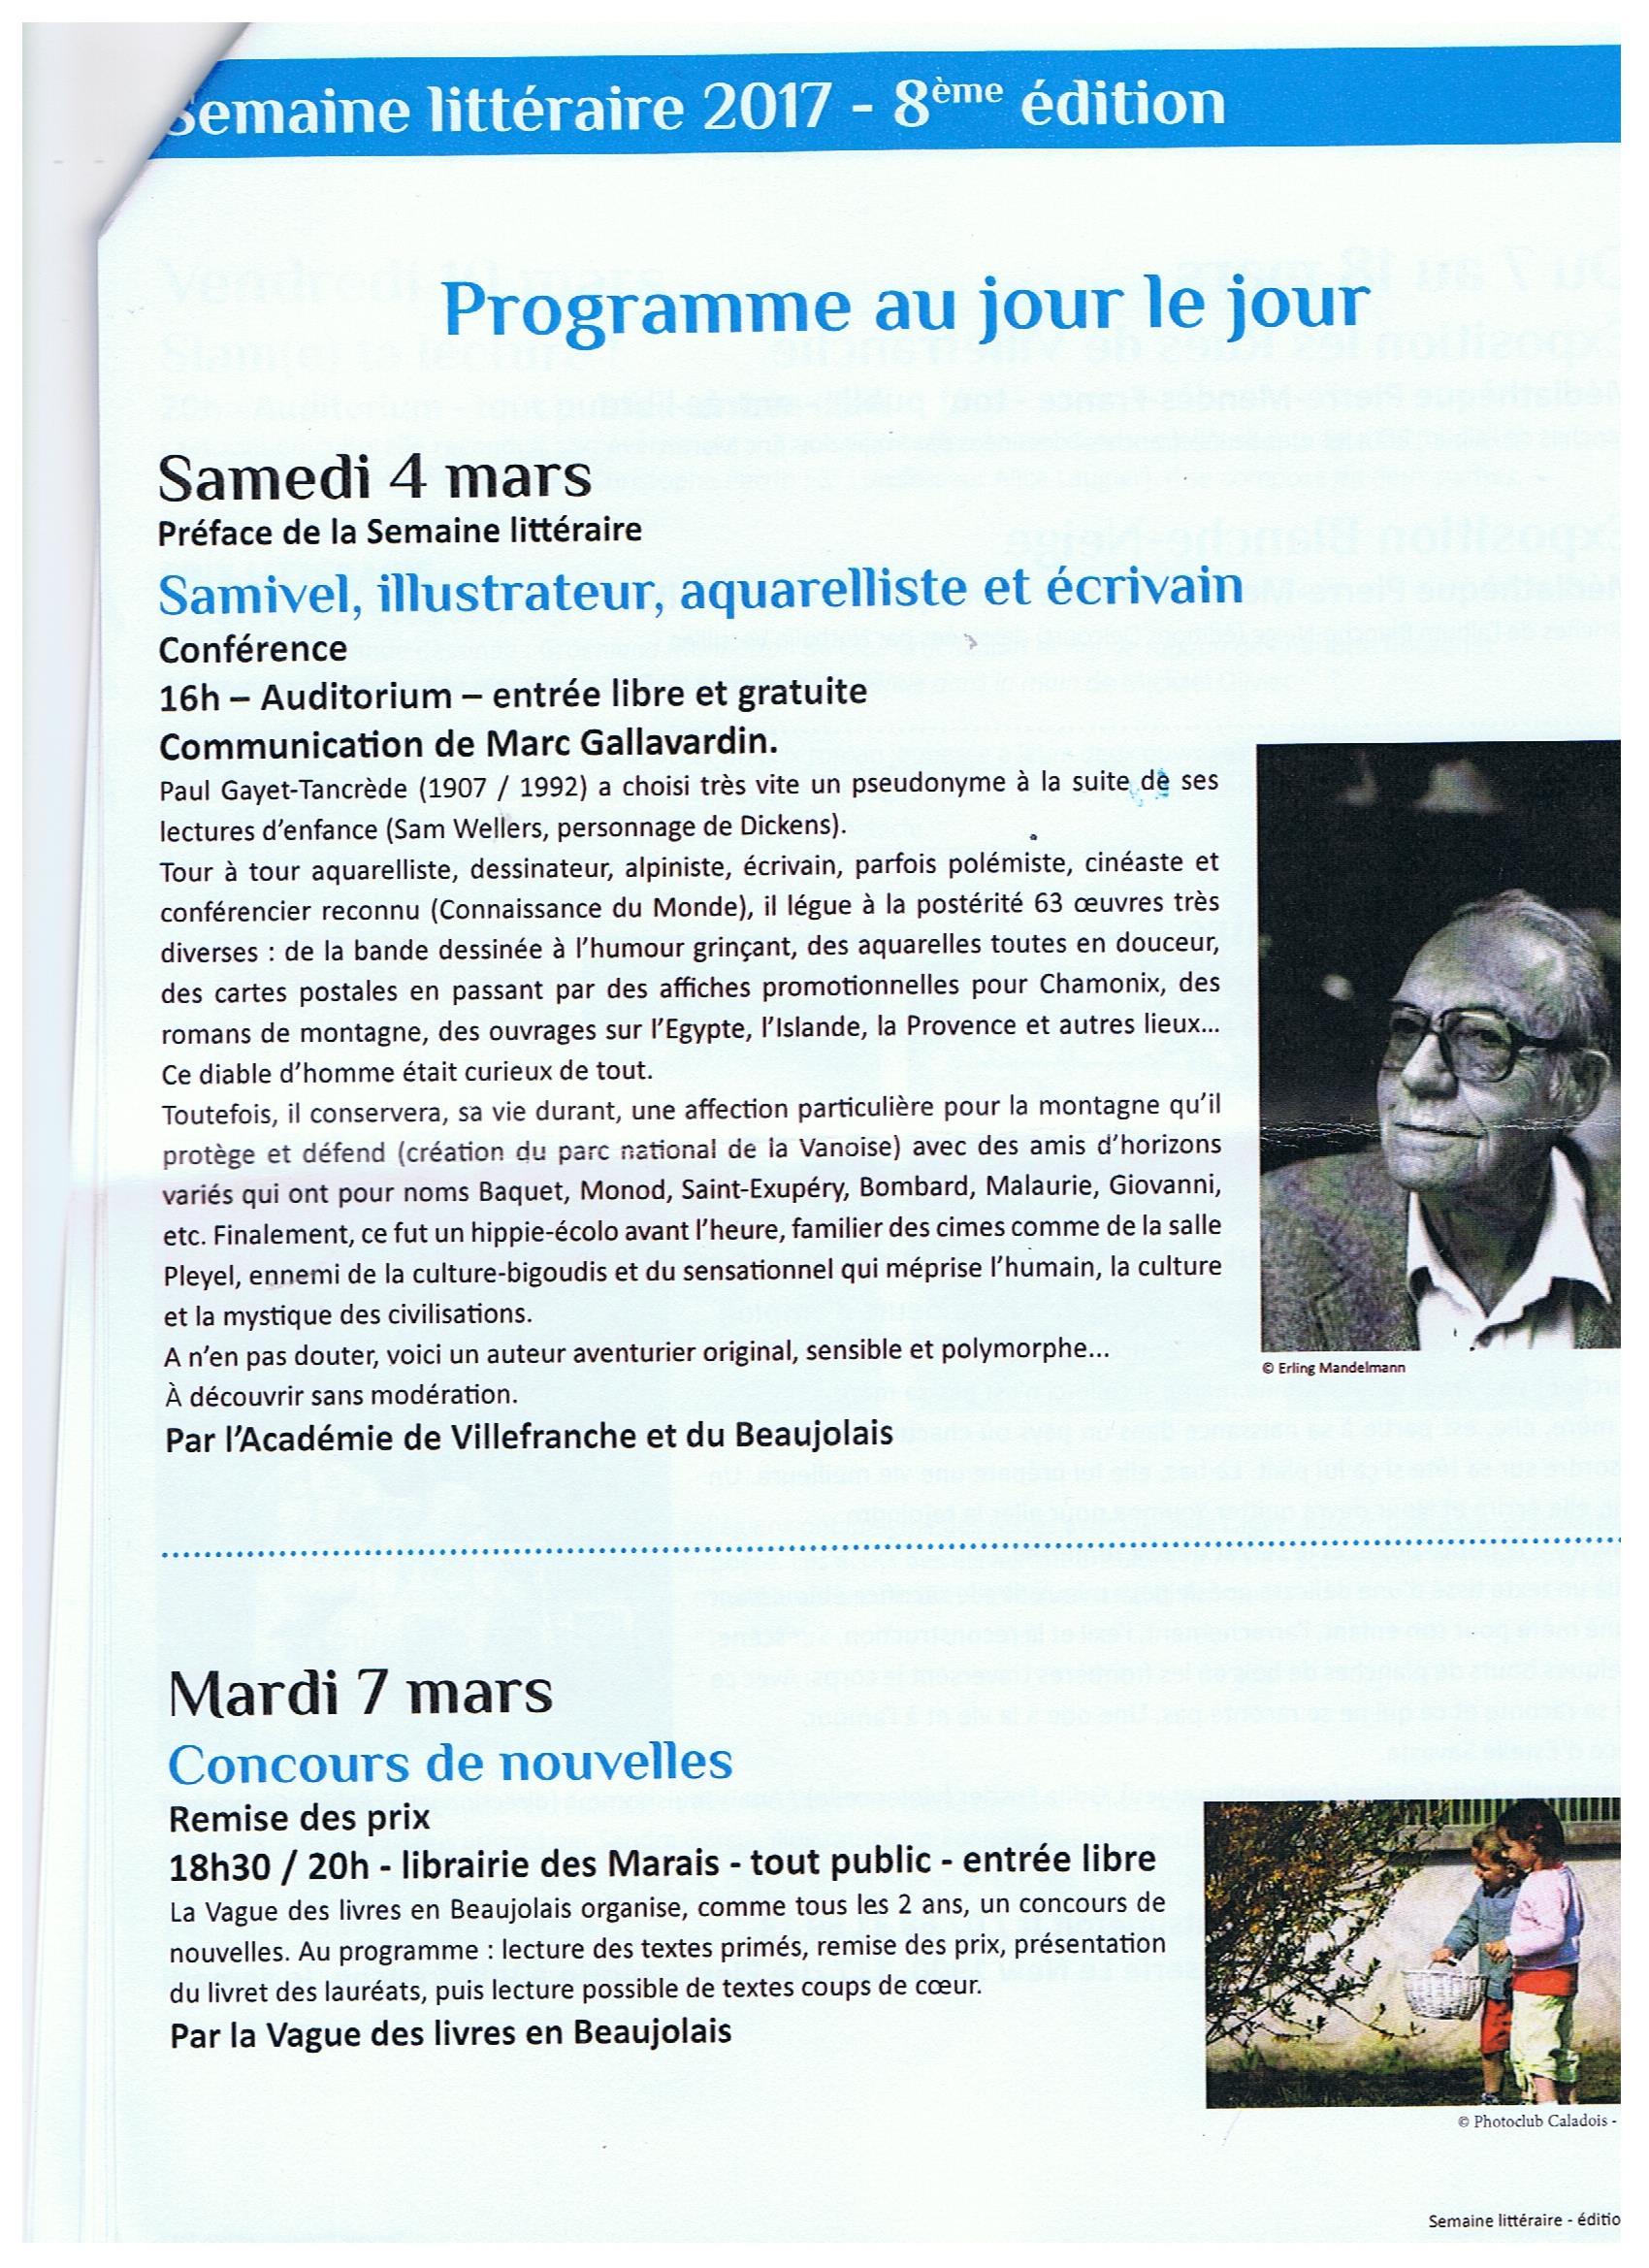 sl page 2.jpeg